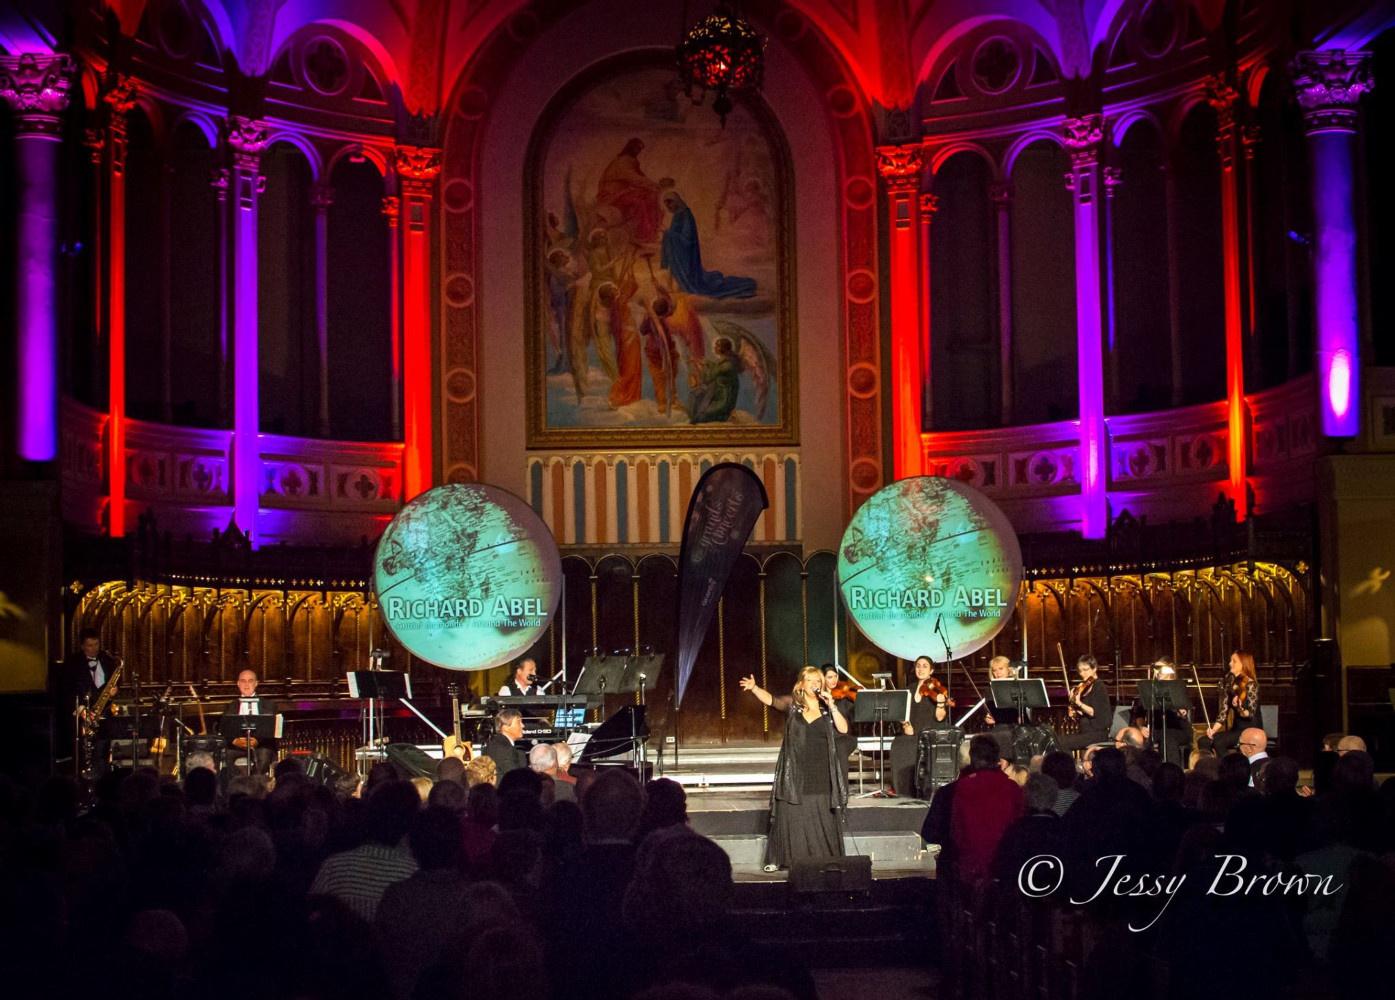 """Spectacle """"Autour du monde"""" avec Richard Abel à l'Église de Granby @Jessy Brown"""